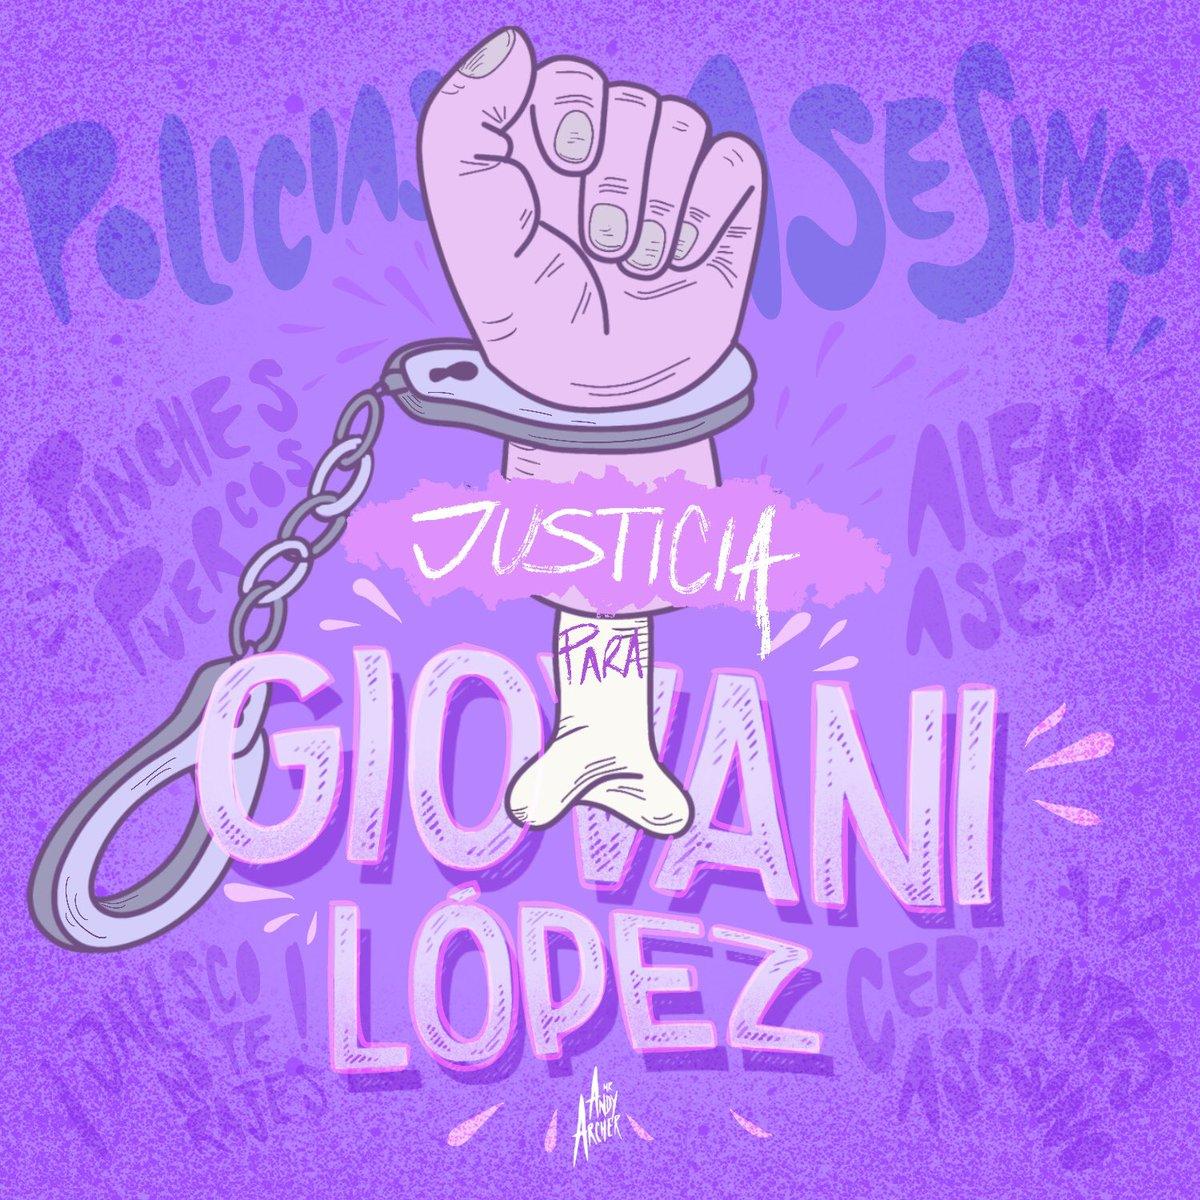 #JusticiaParaGiovanni #GiovanniLopez #AlfaroAsesino #Mexico #JusticeForGiovanni #justiciaparaoliverlopez #Jalisco #Guadalajara @NTRGuadalajara #Giovanni https://t.co/GmkIOPXceu